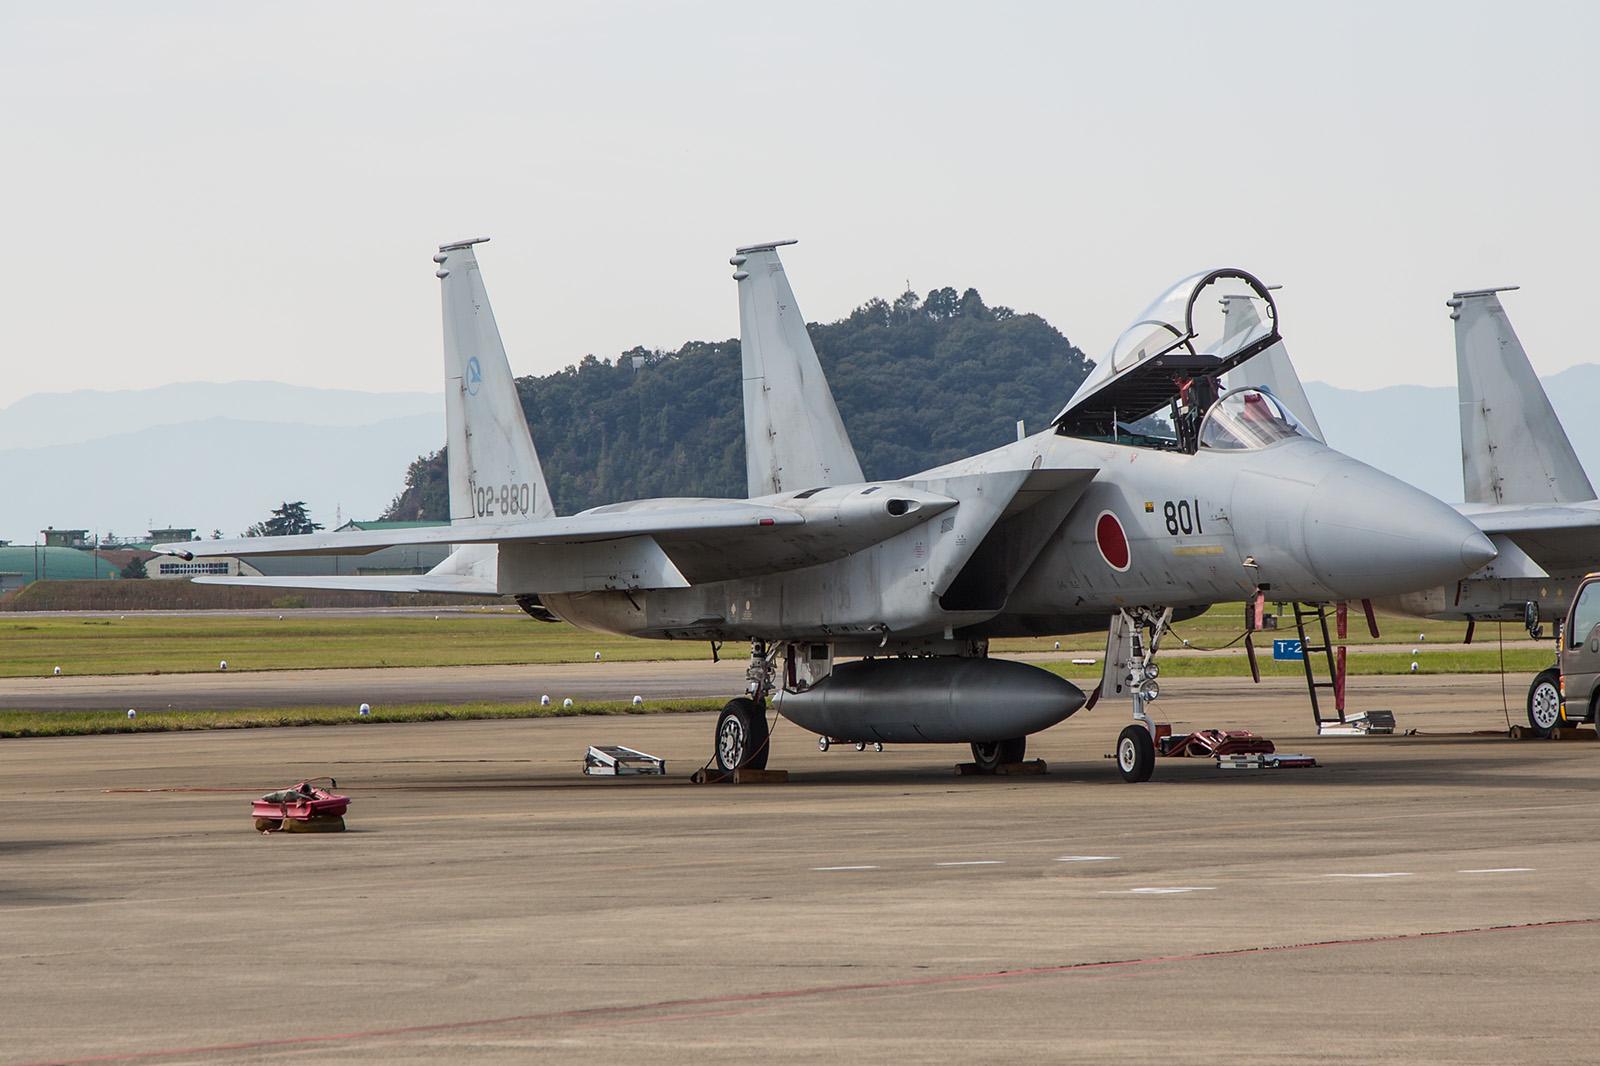 Die 02-8801 war die erste F-15J Eagle der JASDF und wurde noch bei McDonnell Douglas gebaut.